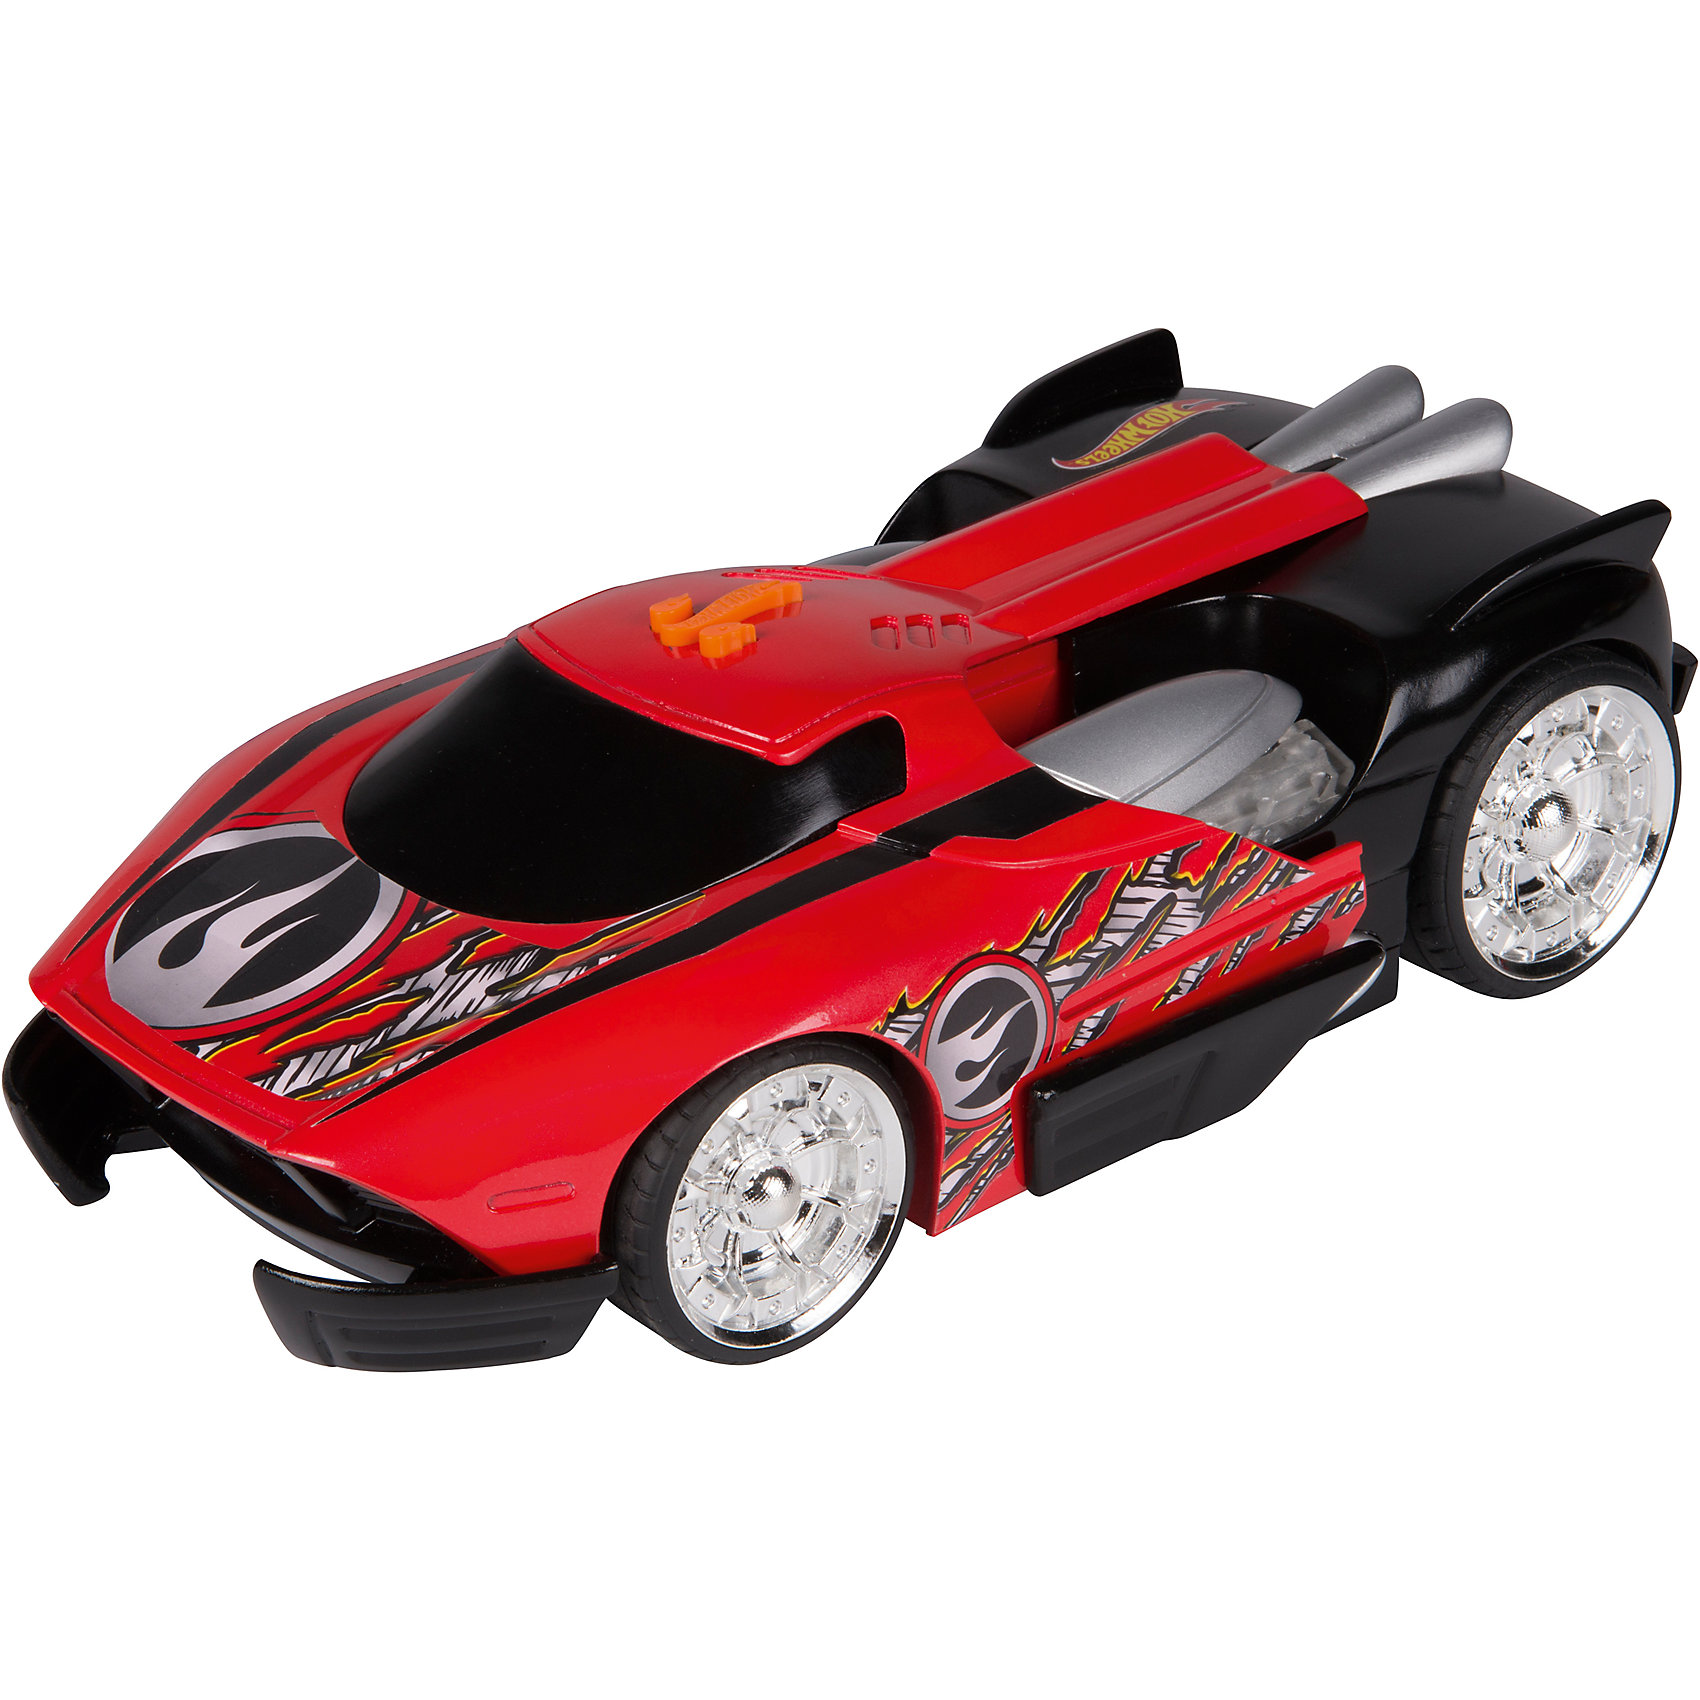 Электромеханическая машинка, красная, 33 см, Hot WheelsМашинки<br>Характеристики товара:<br><br>- цвет: красный;<br>- материал: пластик, металл;<br>- особенности: со световыми и звуковыми эффектами;<br>- вес: 500 г;<br>- батарейки 3хААА;<br>- размер упаковки: 30х17х19;<br>- размер машинки: 33 см.<br><br>Какой мальчишка откажется поиграть с коллекционной машинкой Hot Wheels, которая выглядит как настоящая?! Машинка очень эффектно смотрится, она дополнена световыми, звуковыми эффектами и электроприводом. Игрушка отлично детализирована, очень качественно выполнена, поэтому она станет отличным подарком ребенку. Продается в красивой упаковке.<br>Изделия произведены из высококачественного материала, безопасного для детей.<br><br>Электромеханическую машинку Hot Wheels можно купить в нашем интернет-магазине.<br><br>Ширина мм: 360<br>Глубина мм: 170<br>Высота мм: 190<br>Вес г: 1013<br>Возраст от месяцев: 36<br>Возраст до месяцев: 2147483647<br>Пол: Мужской<br>Возраст: Детский<br>SKU: 5066728